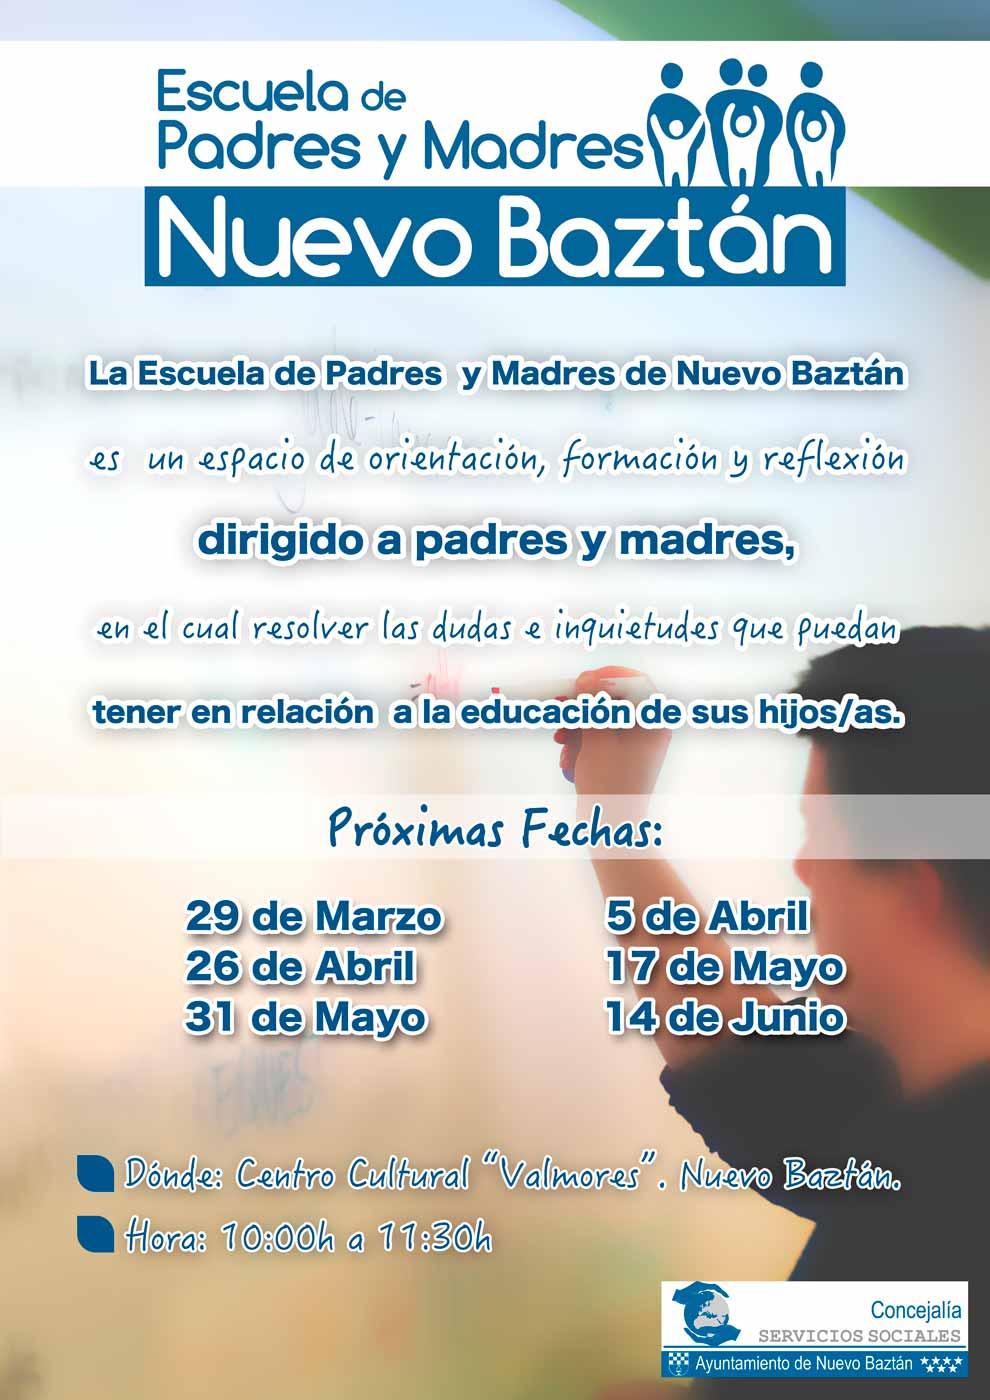 La Escuela de Padres y Madres de Nuevo Baztán